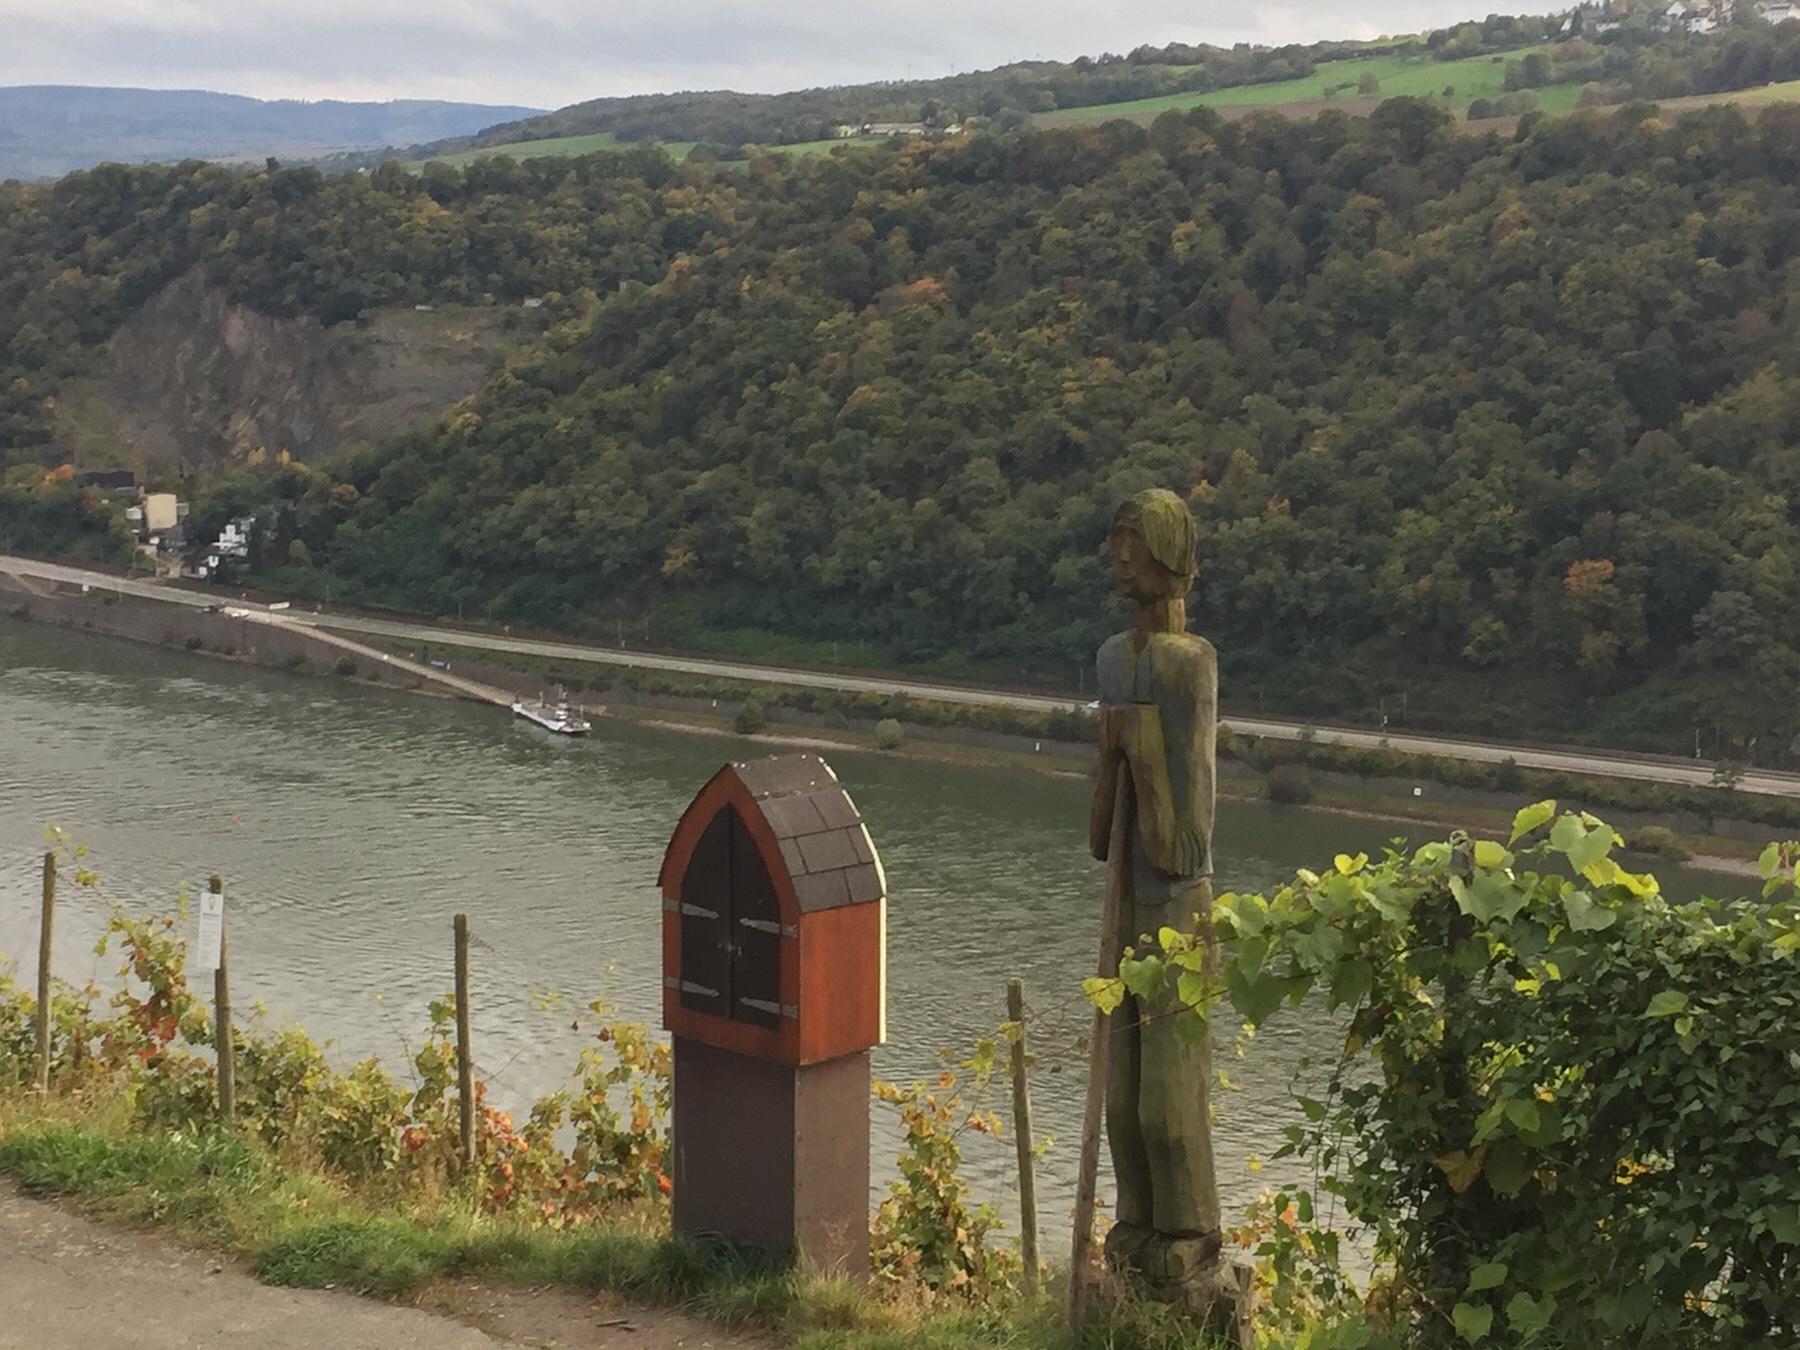 Weintresor bei Kaub am Rheinsteig